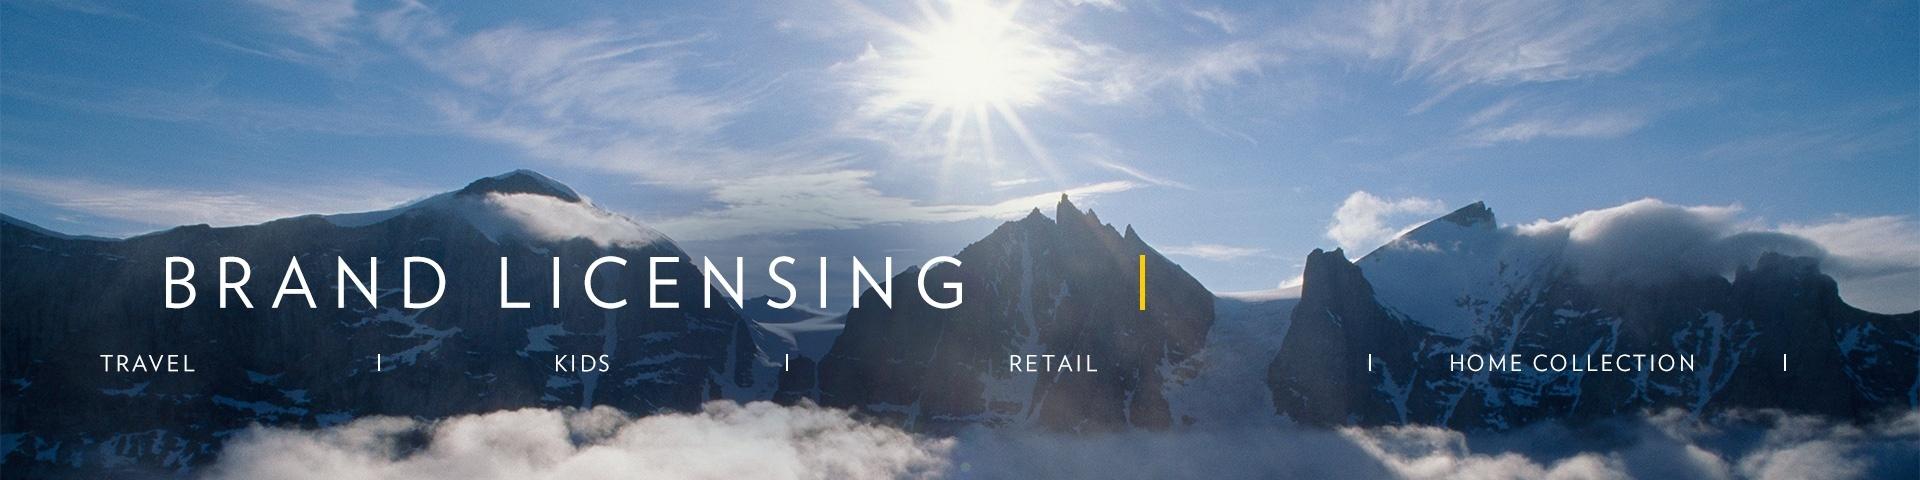 10. Brand Licensing